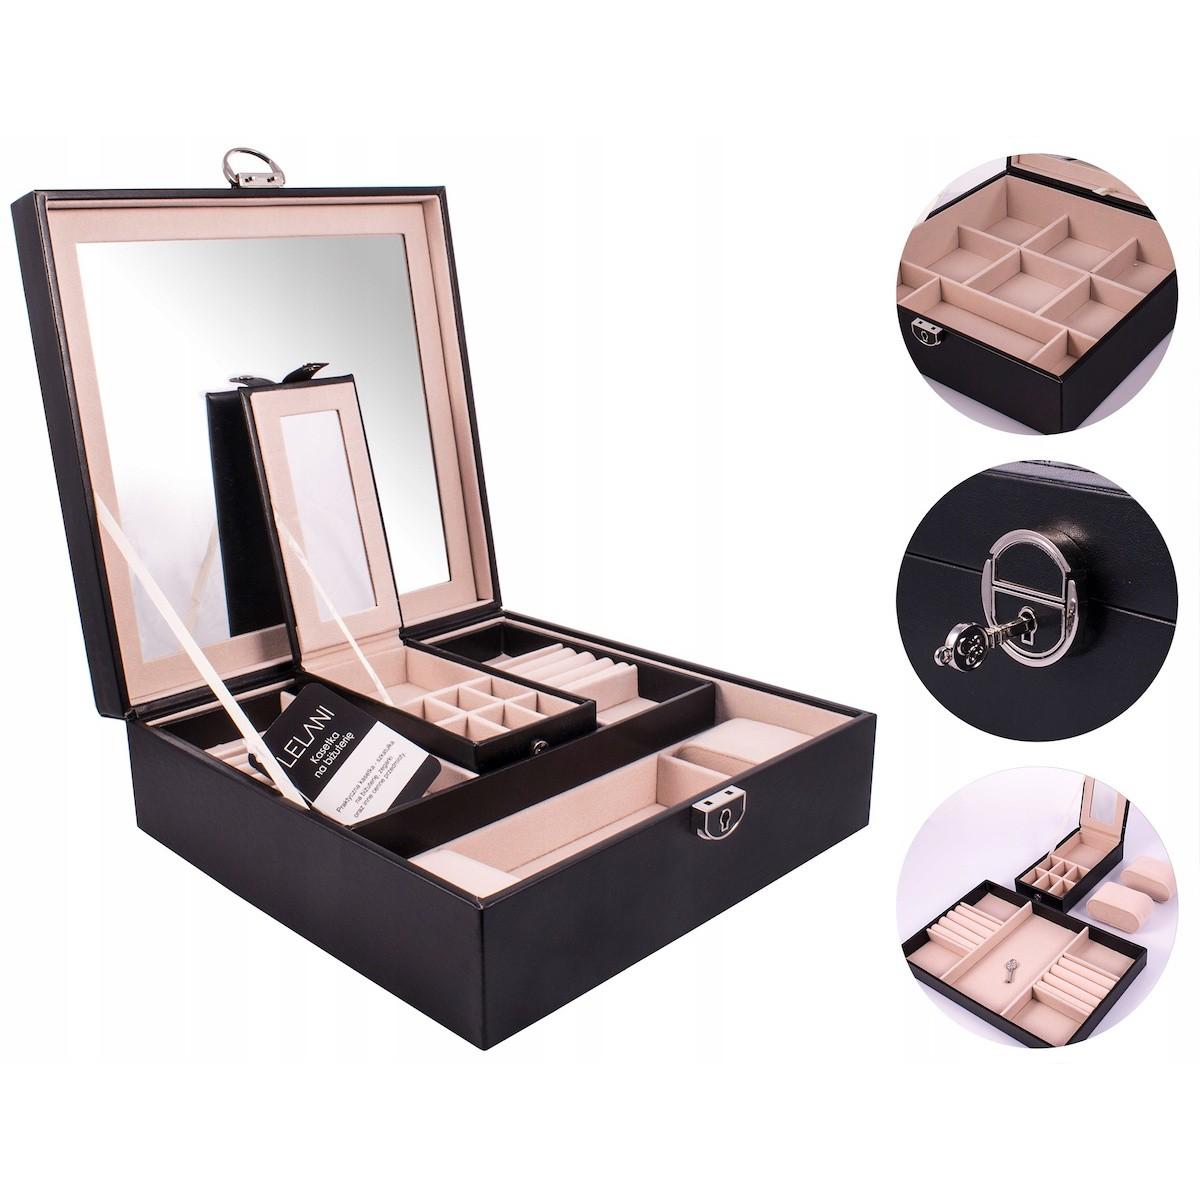 Krabička na bižutériu L s priehradkami zrkadlom na zámok megamix.sk